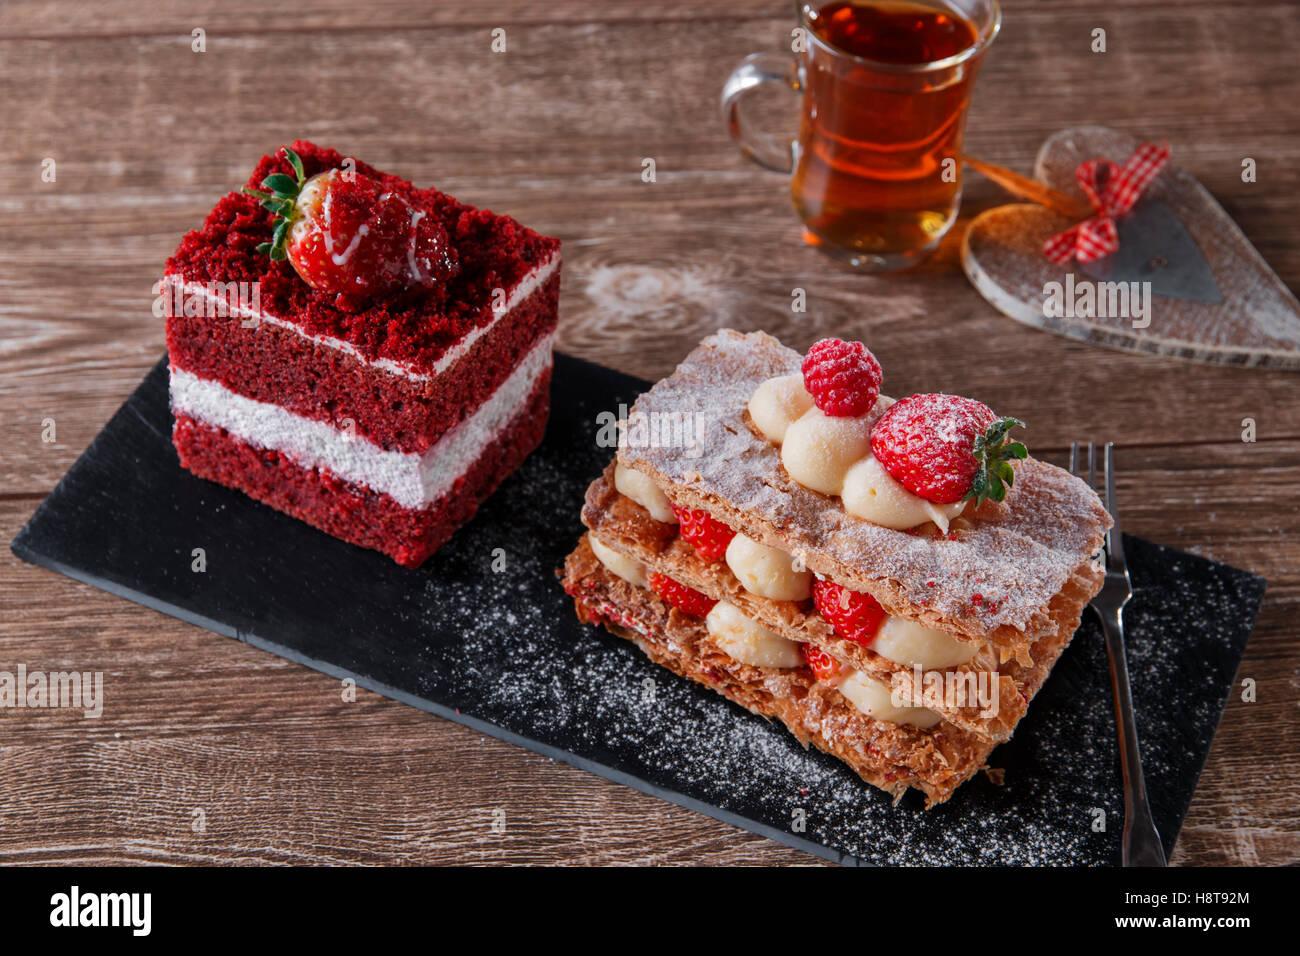 Mille feuille sweet dessert gâteau de velours rouge tranche avec le glaçage blanc est garnie de fraises Photo Stock